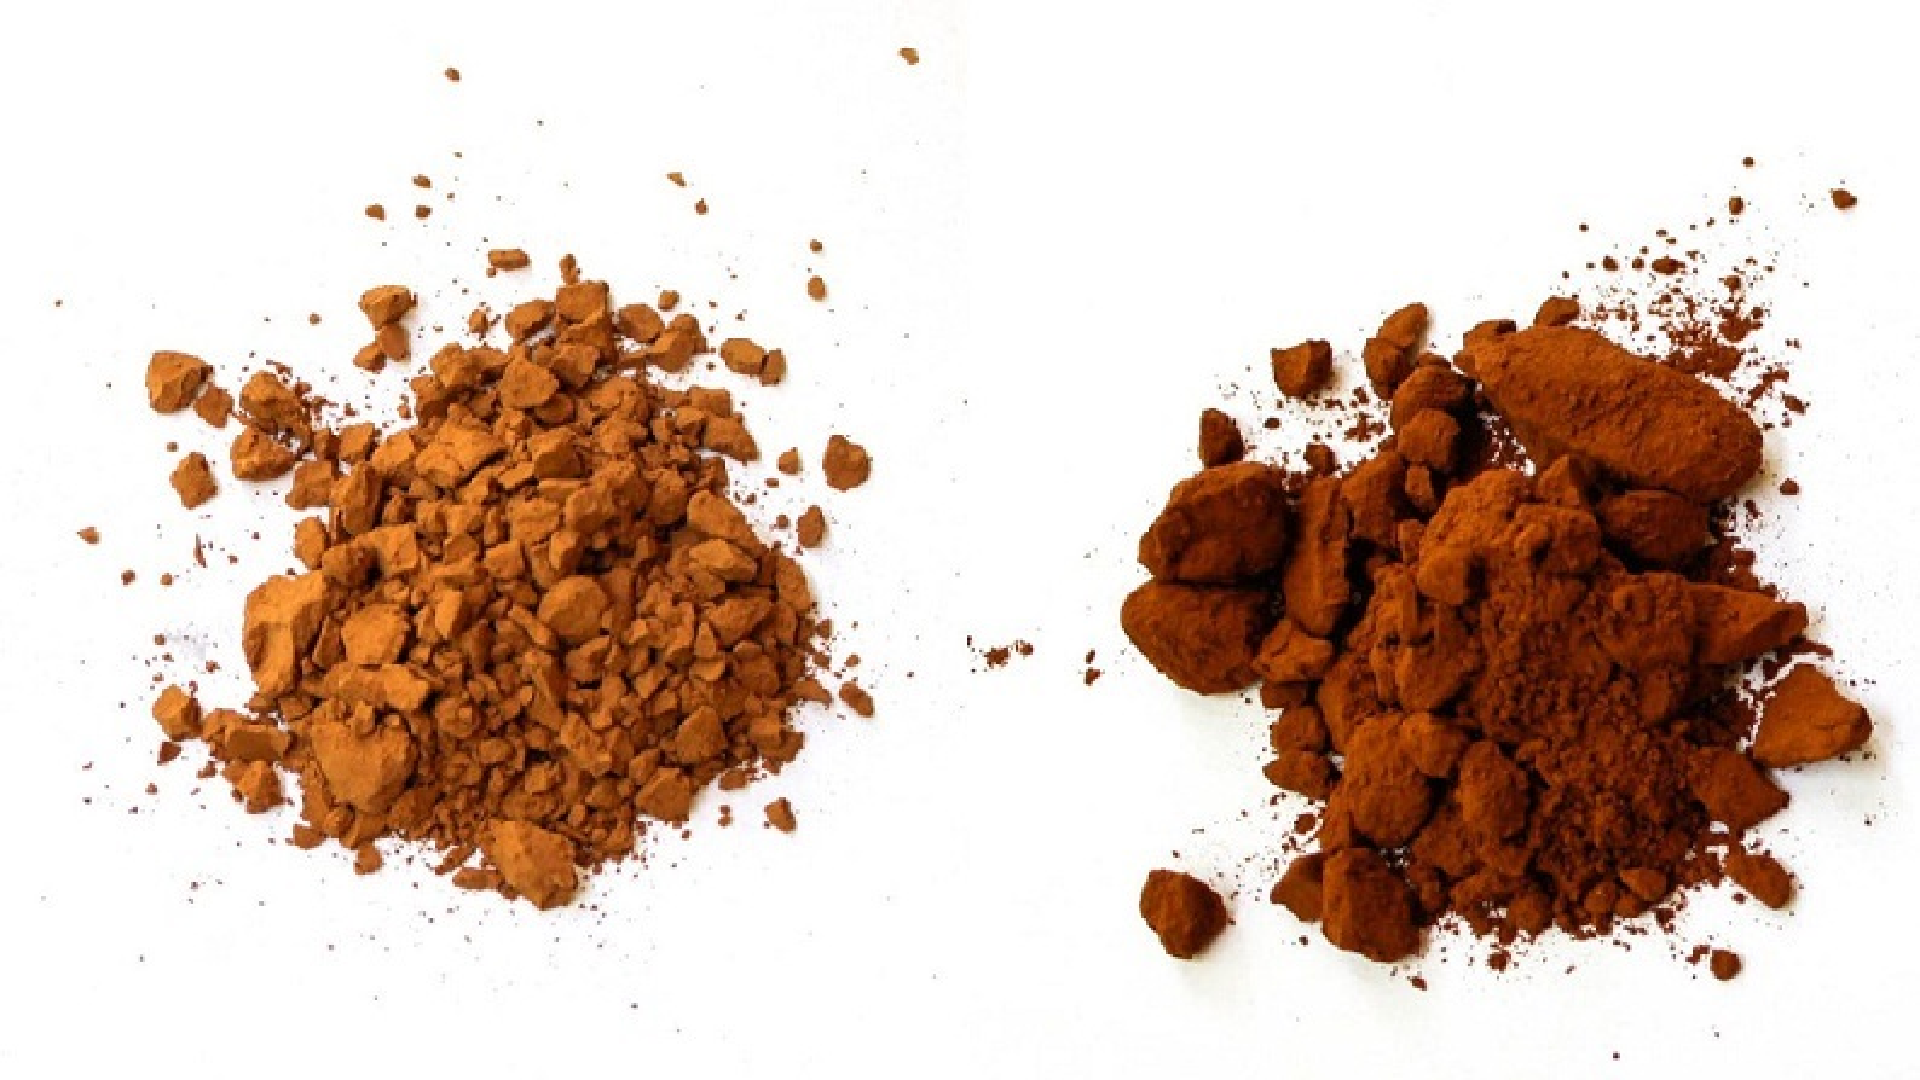 پودر کاکائوی طبیعی؛ عصاره شکلات چگونه تهیه می شود + فیلم